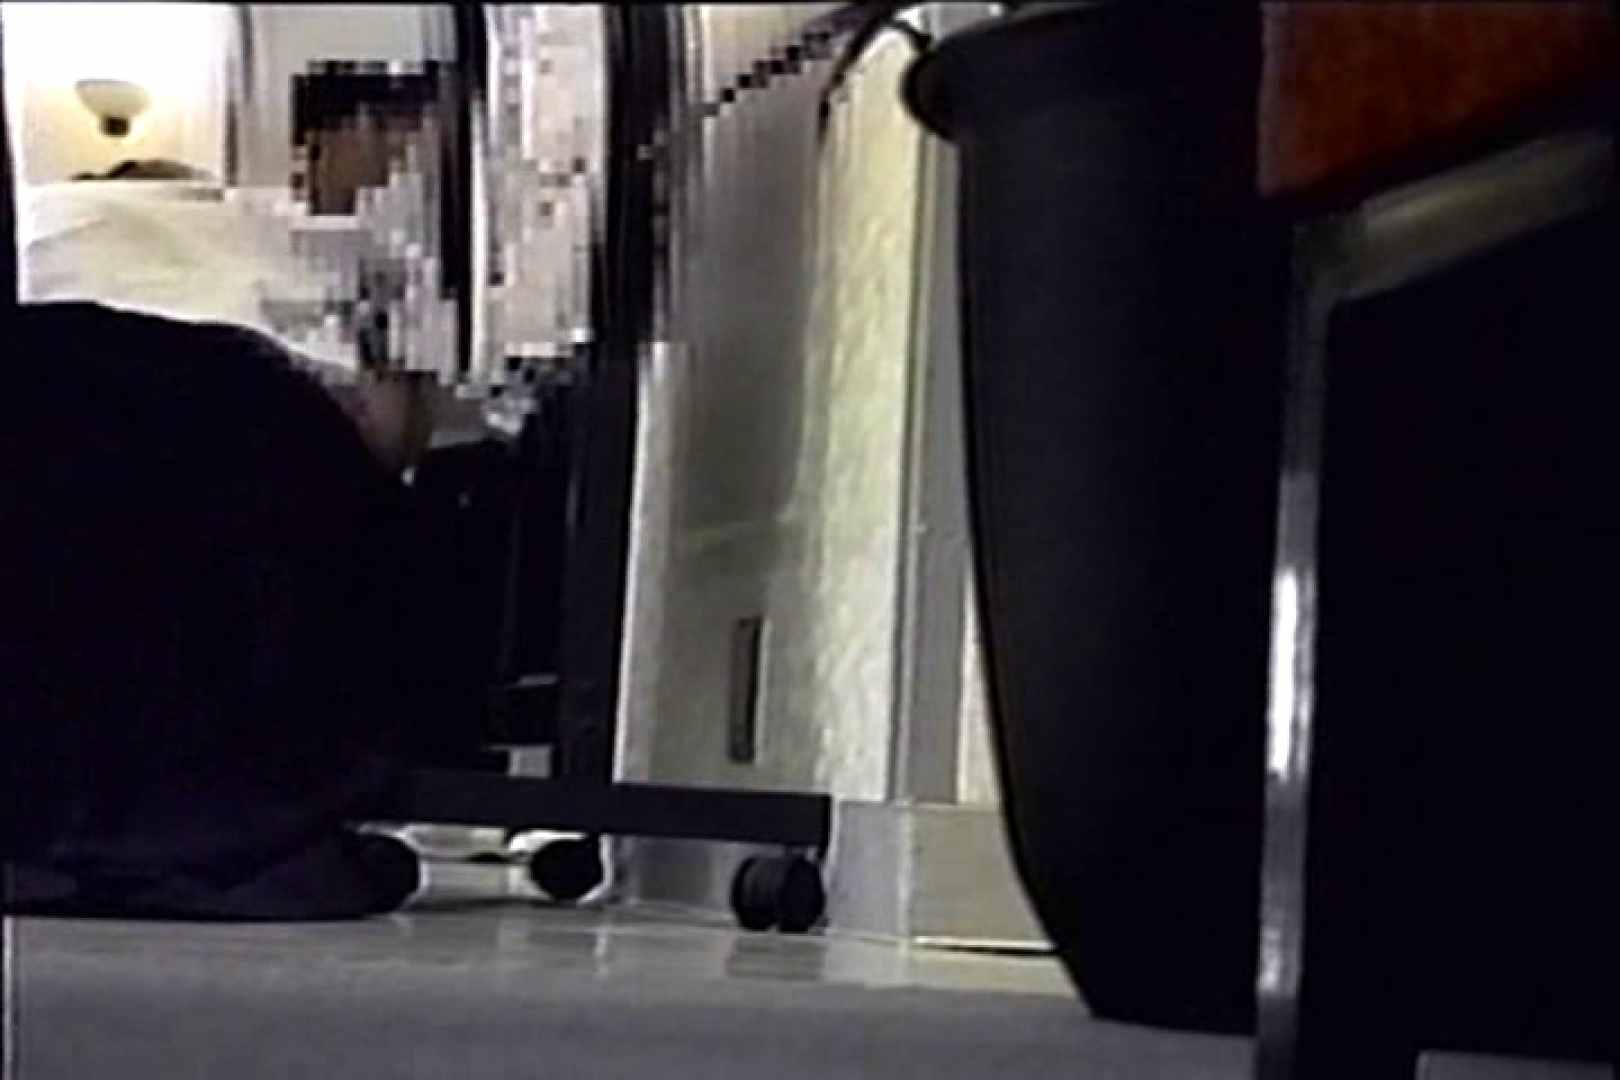 (9月21日配信停止)超・痴覚の眼 修学旅行TNK-09 乳首 盗み撮りSEX無修正画像 93連発 28